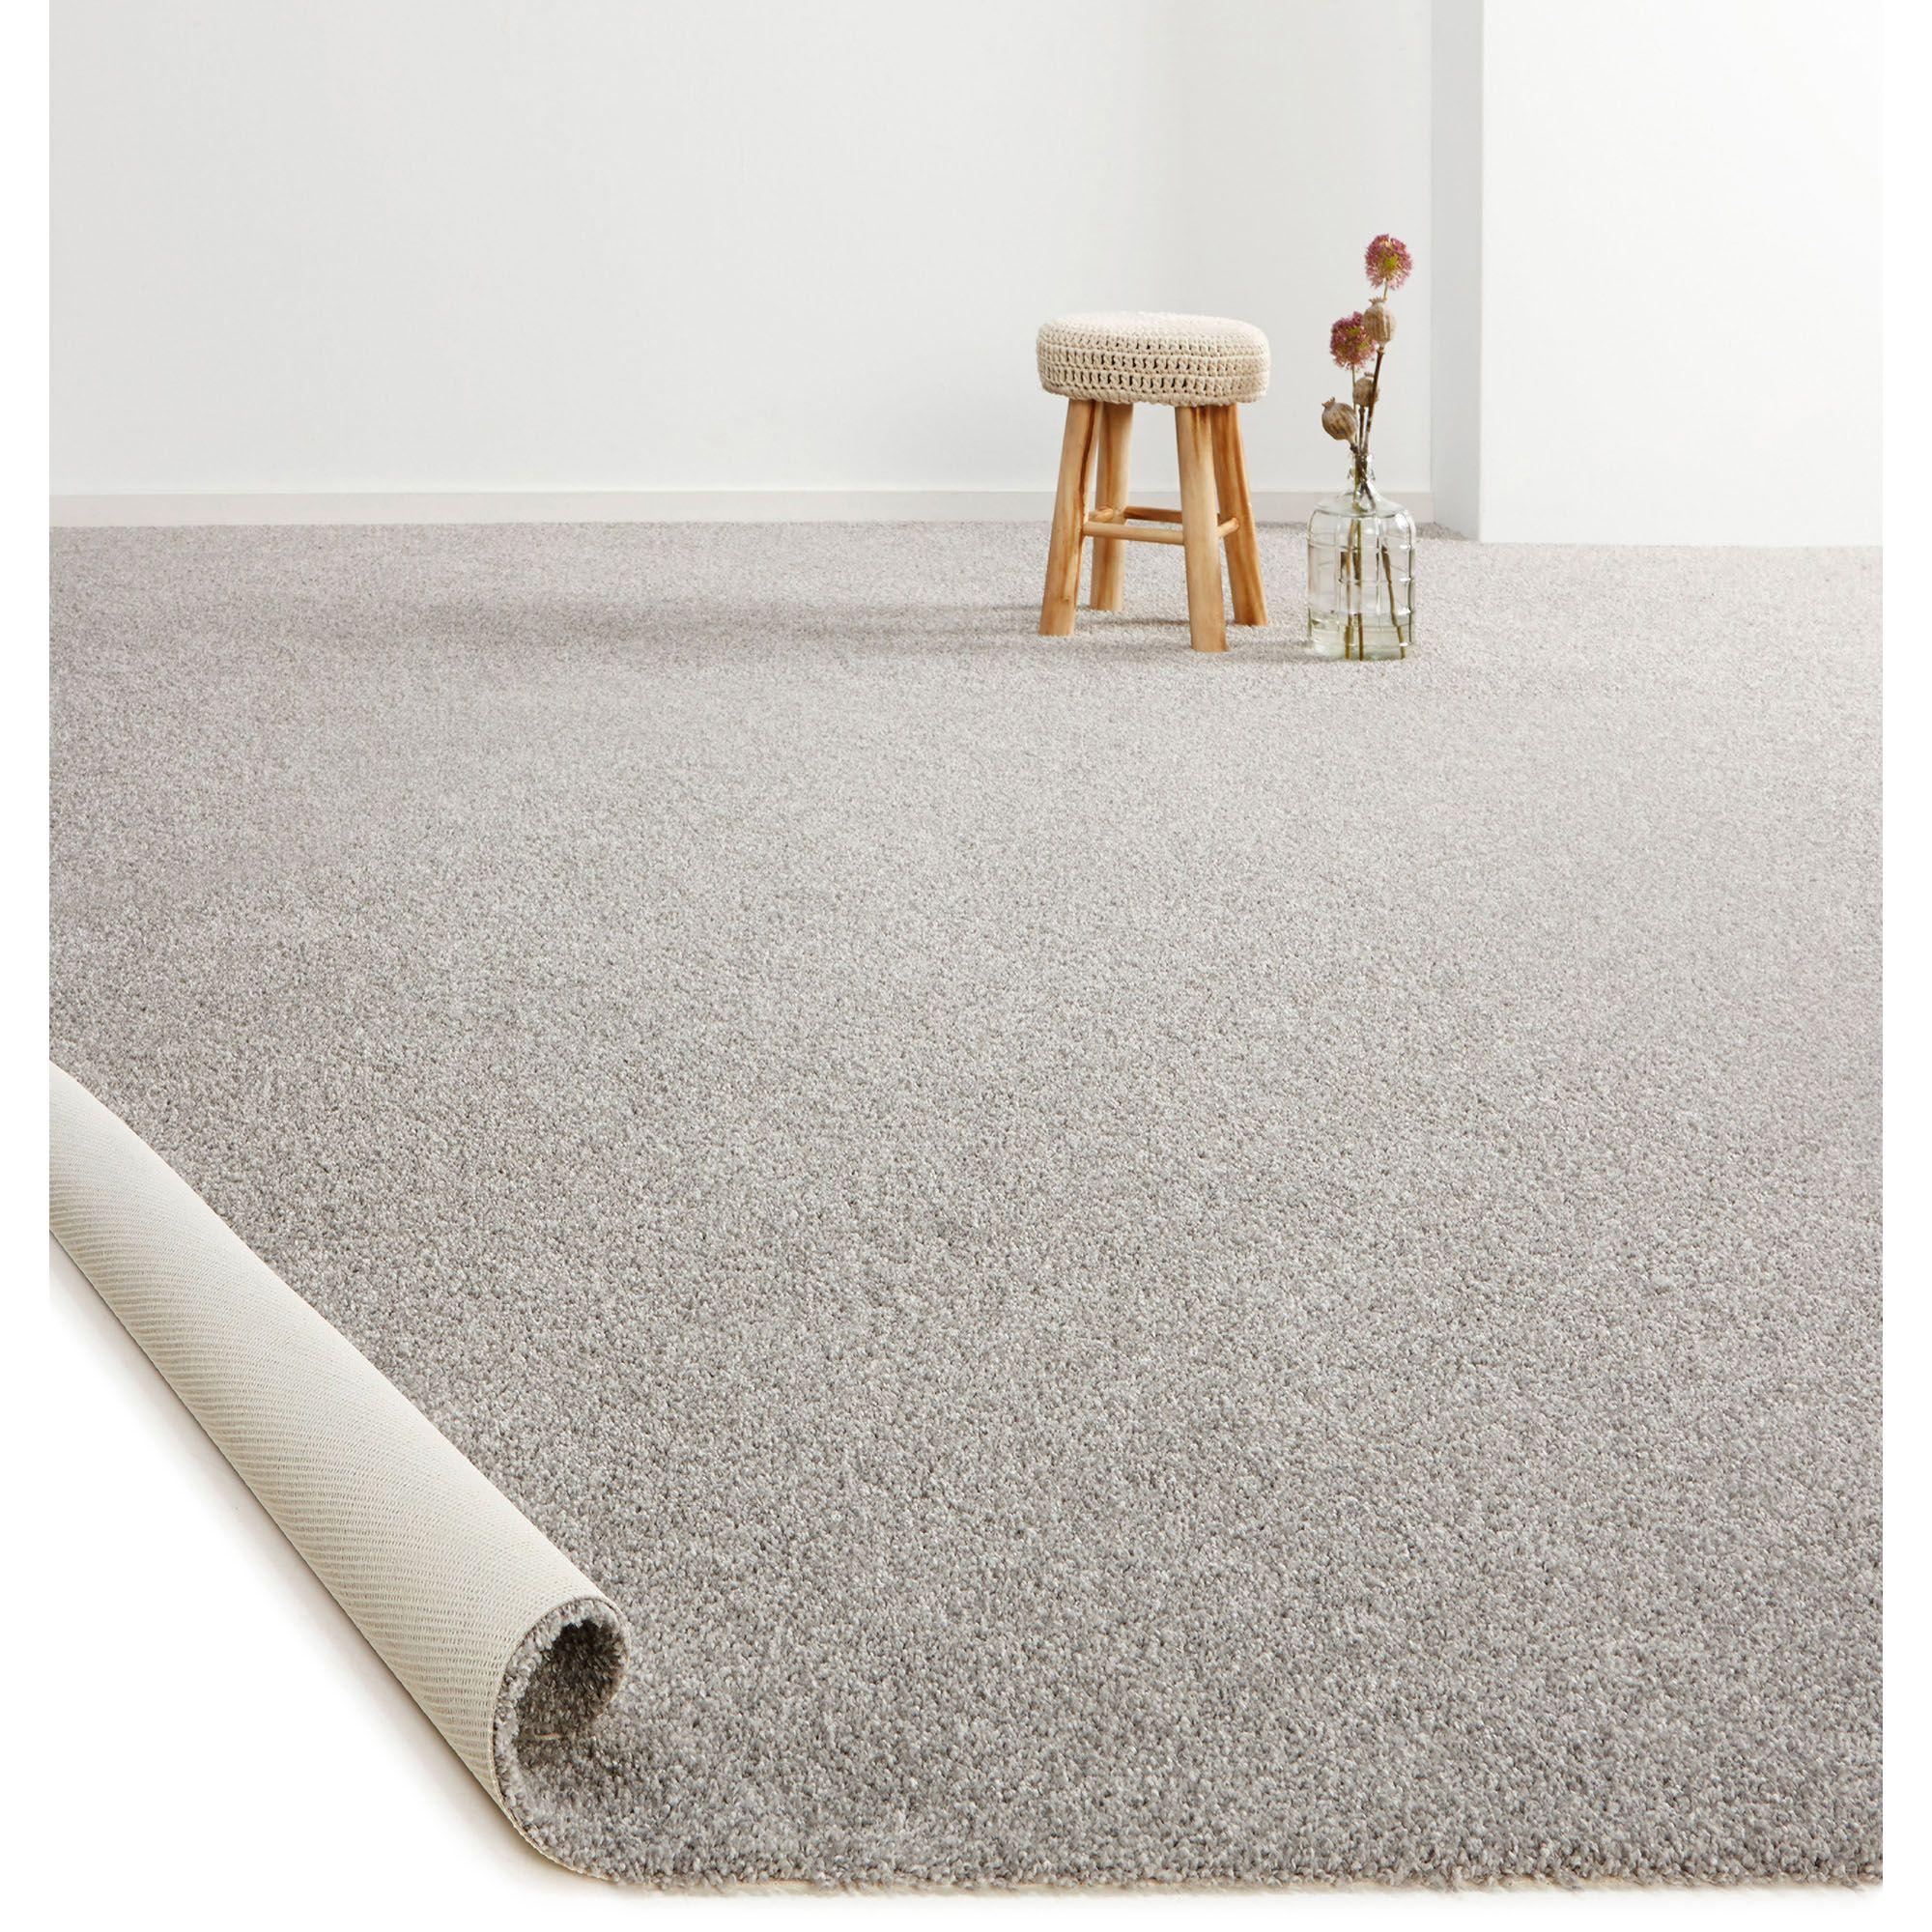 Tapijt vloerbedekking kan ook modern worden toegepast